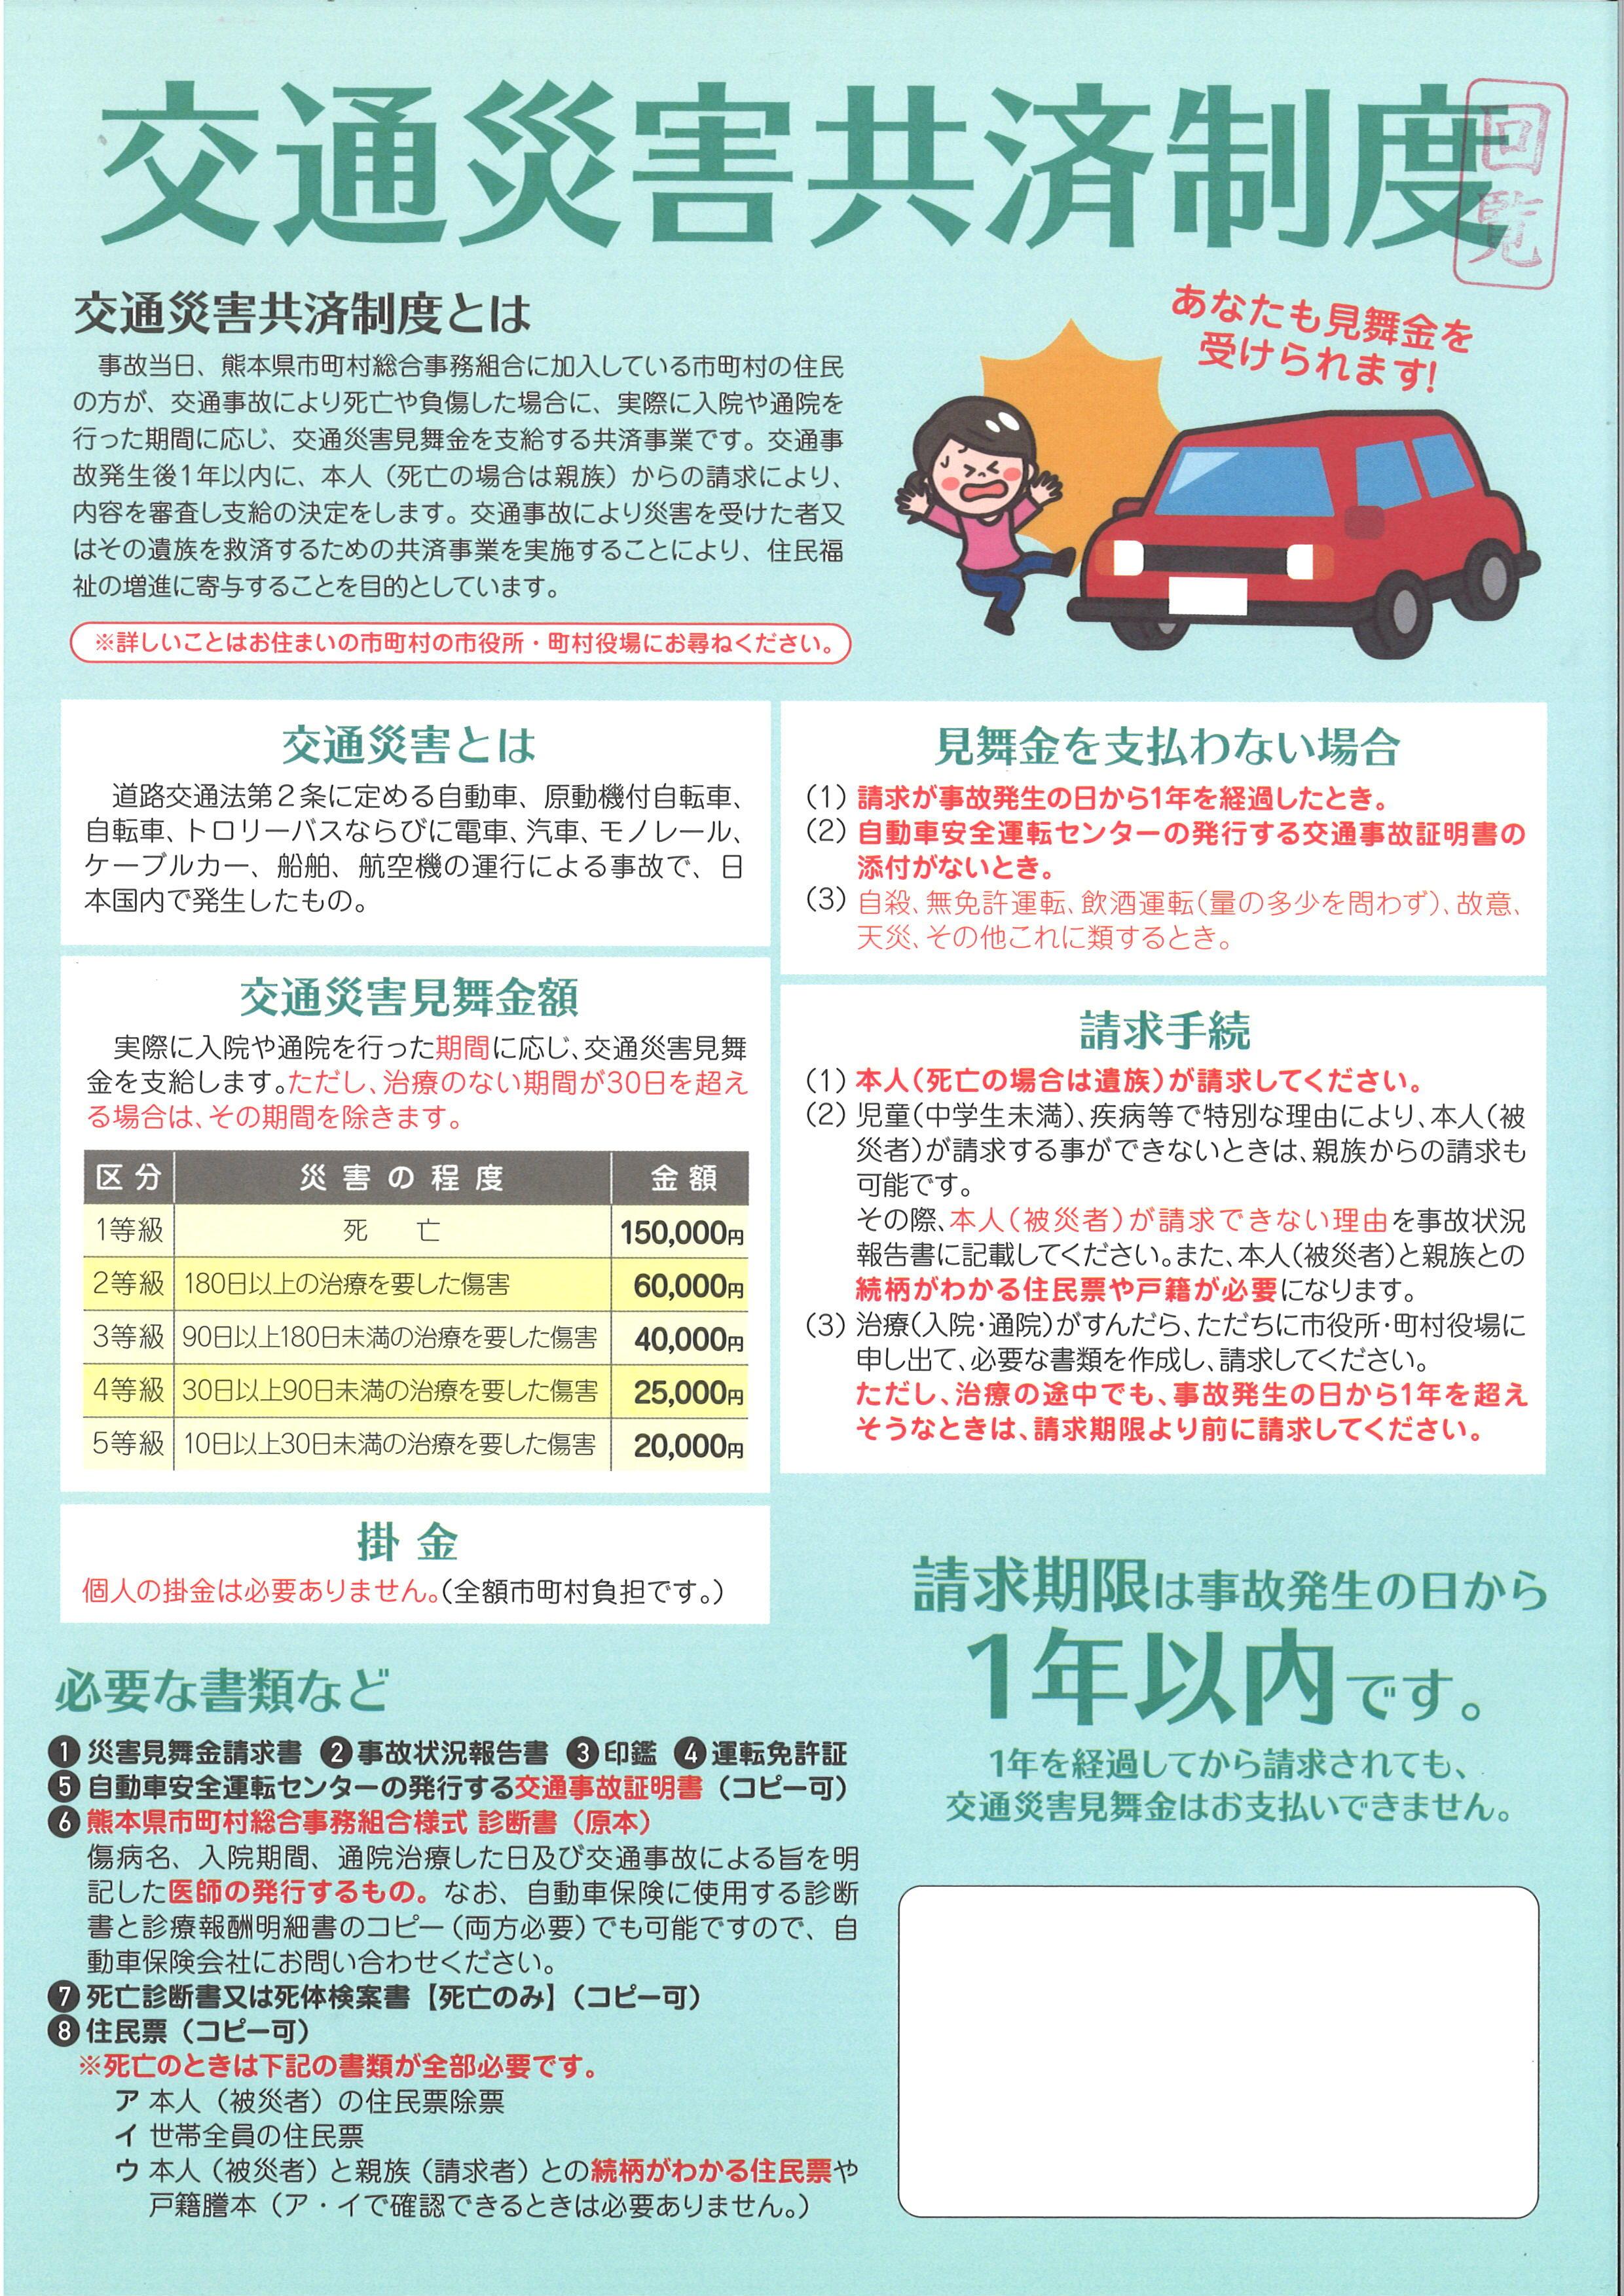 http://www.town.takamori.kumamoto.jp/chosha/somu/upload/c9b433850d4b10ab6fead1fb0dec71311de2bb76.jpg